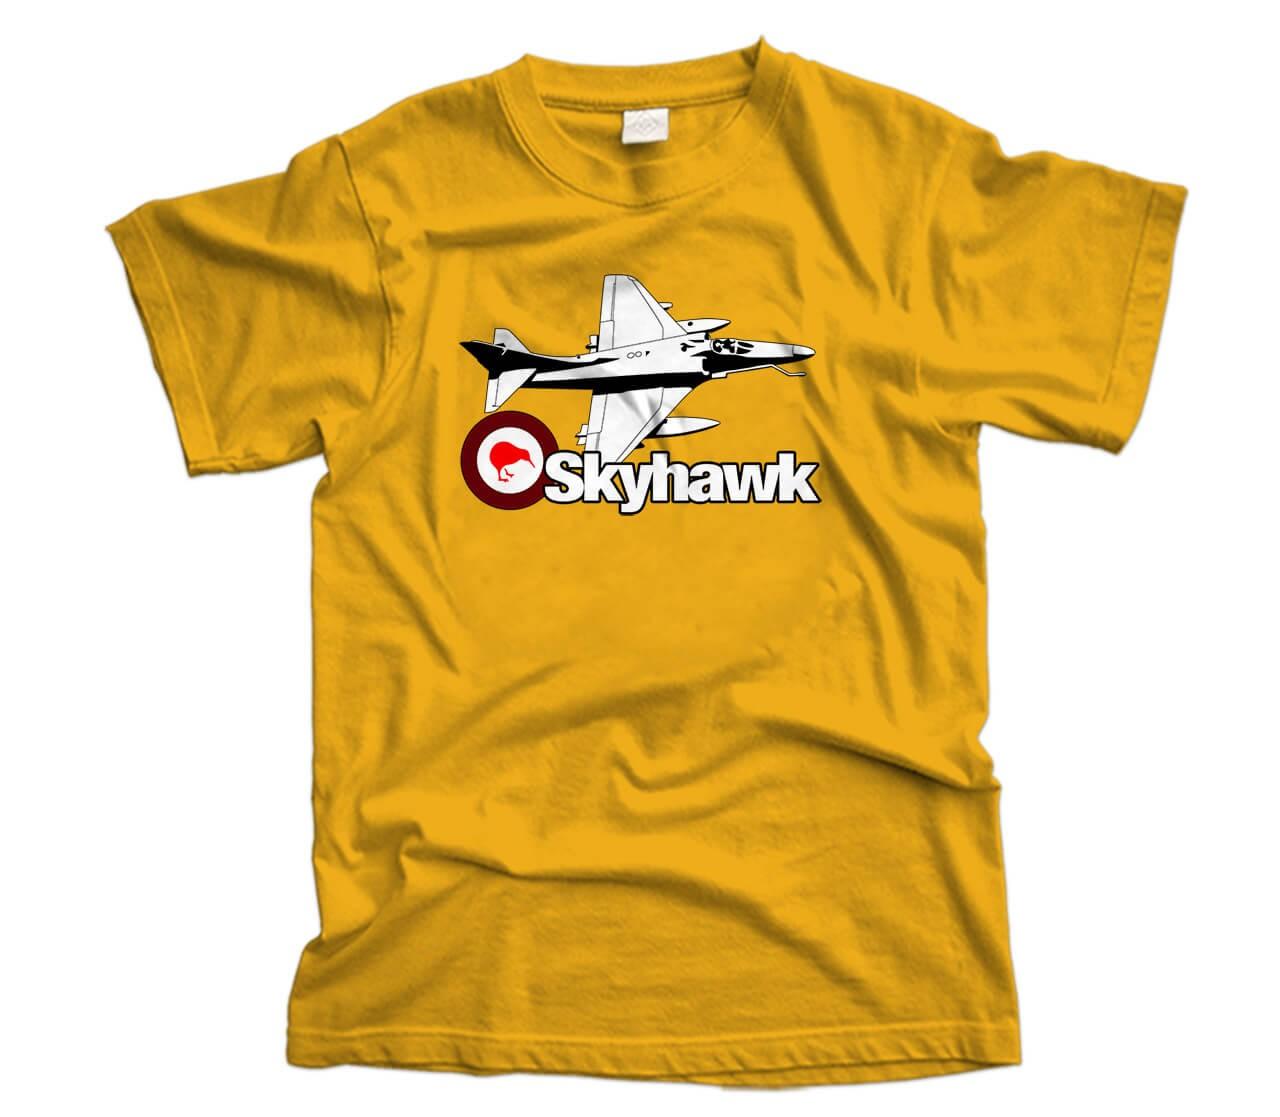 Douglas Skyhawk Aircraft T-Shirt